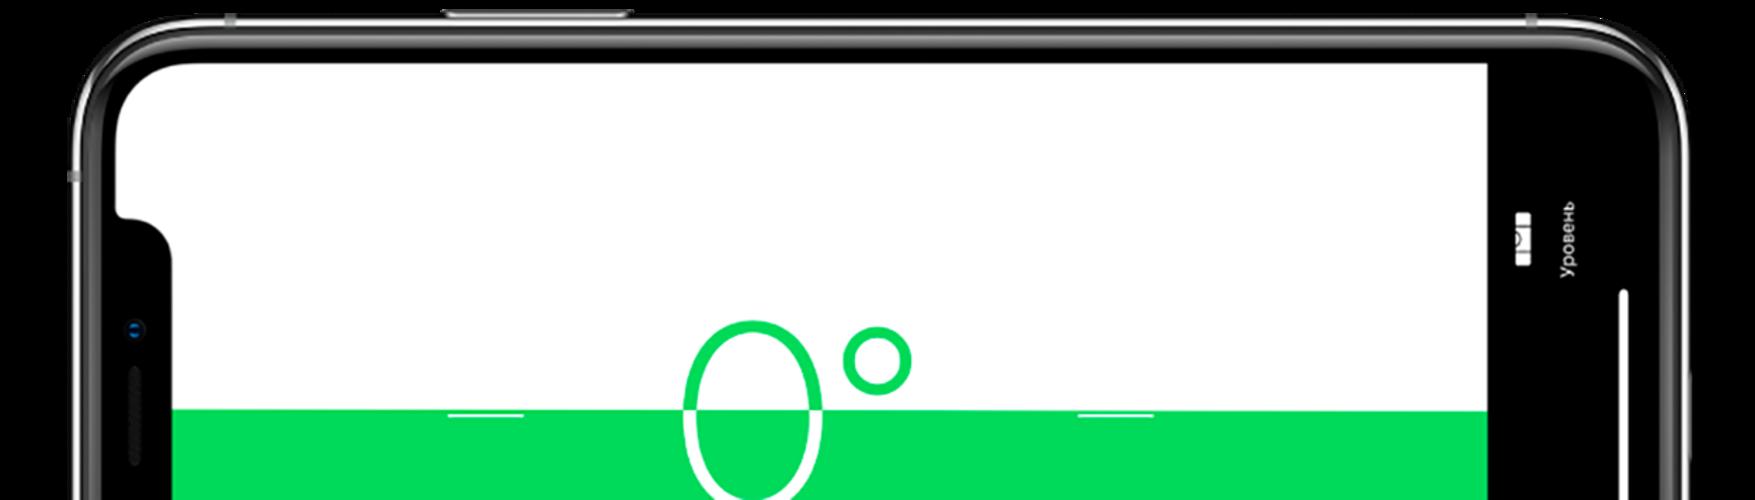 Уровень в iPhone: где найти, как включить и открыть - инструкция по использованию